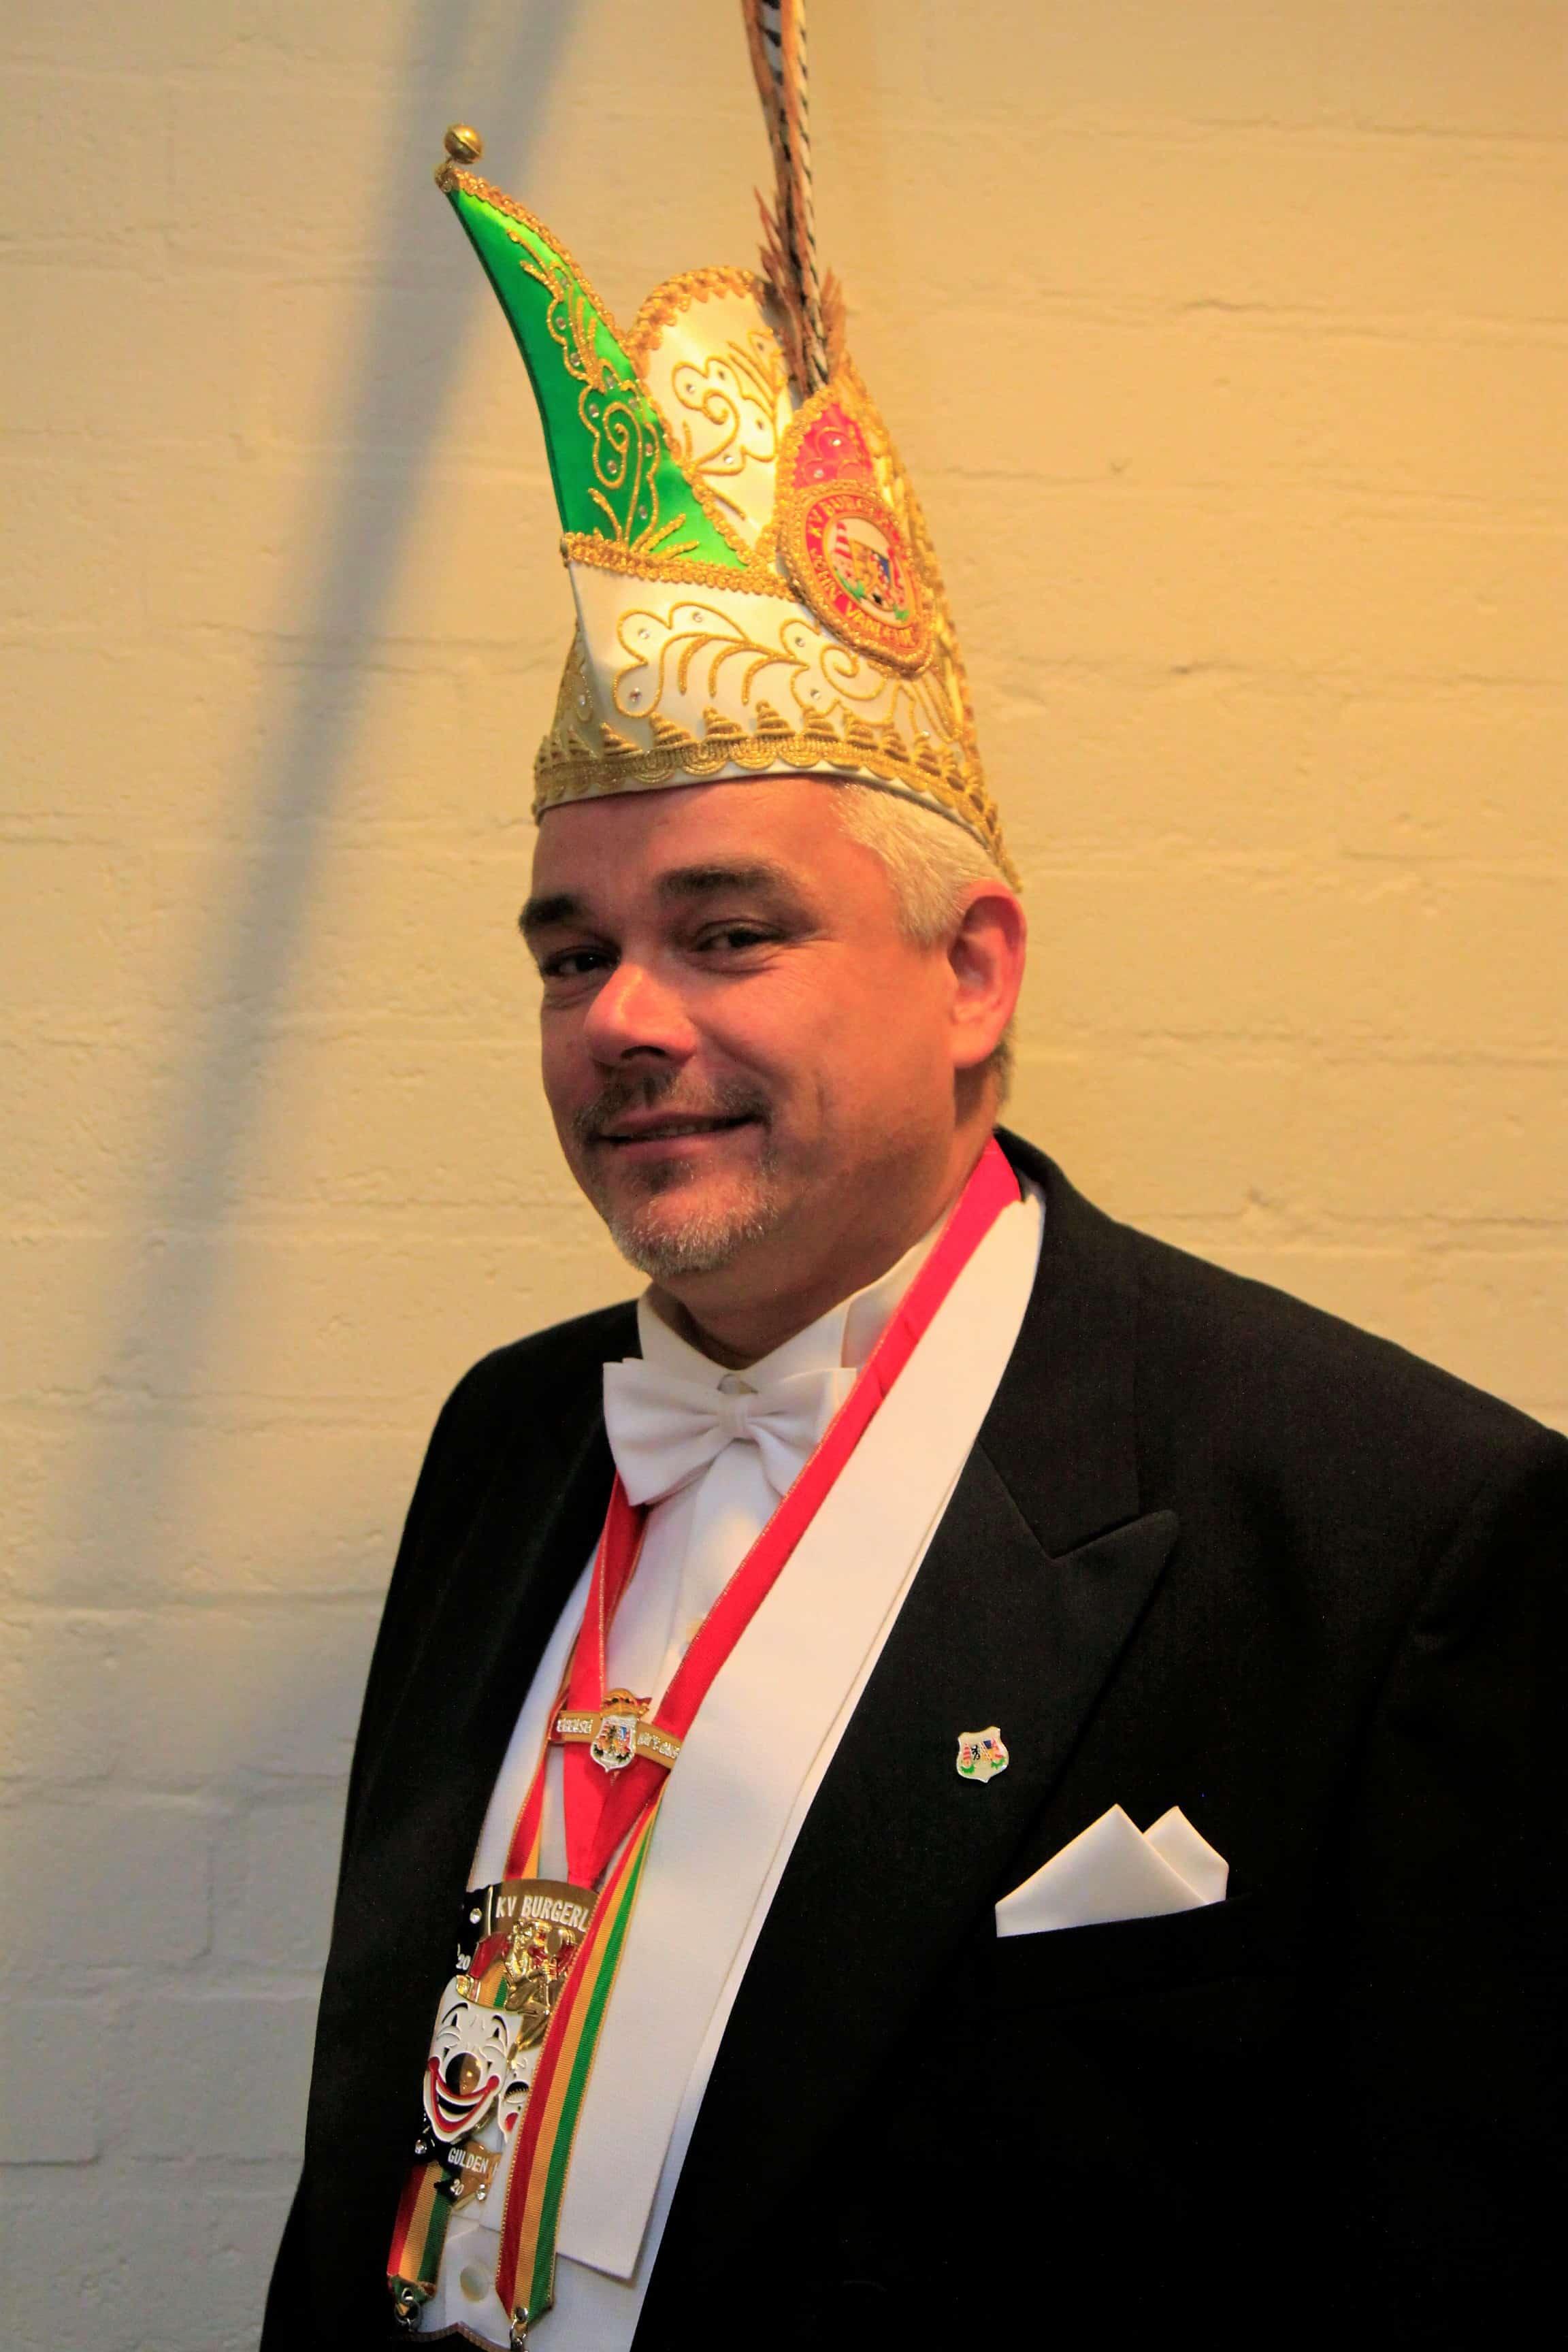 John Vanderheijden